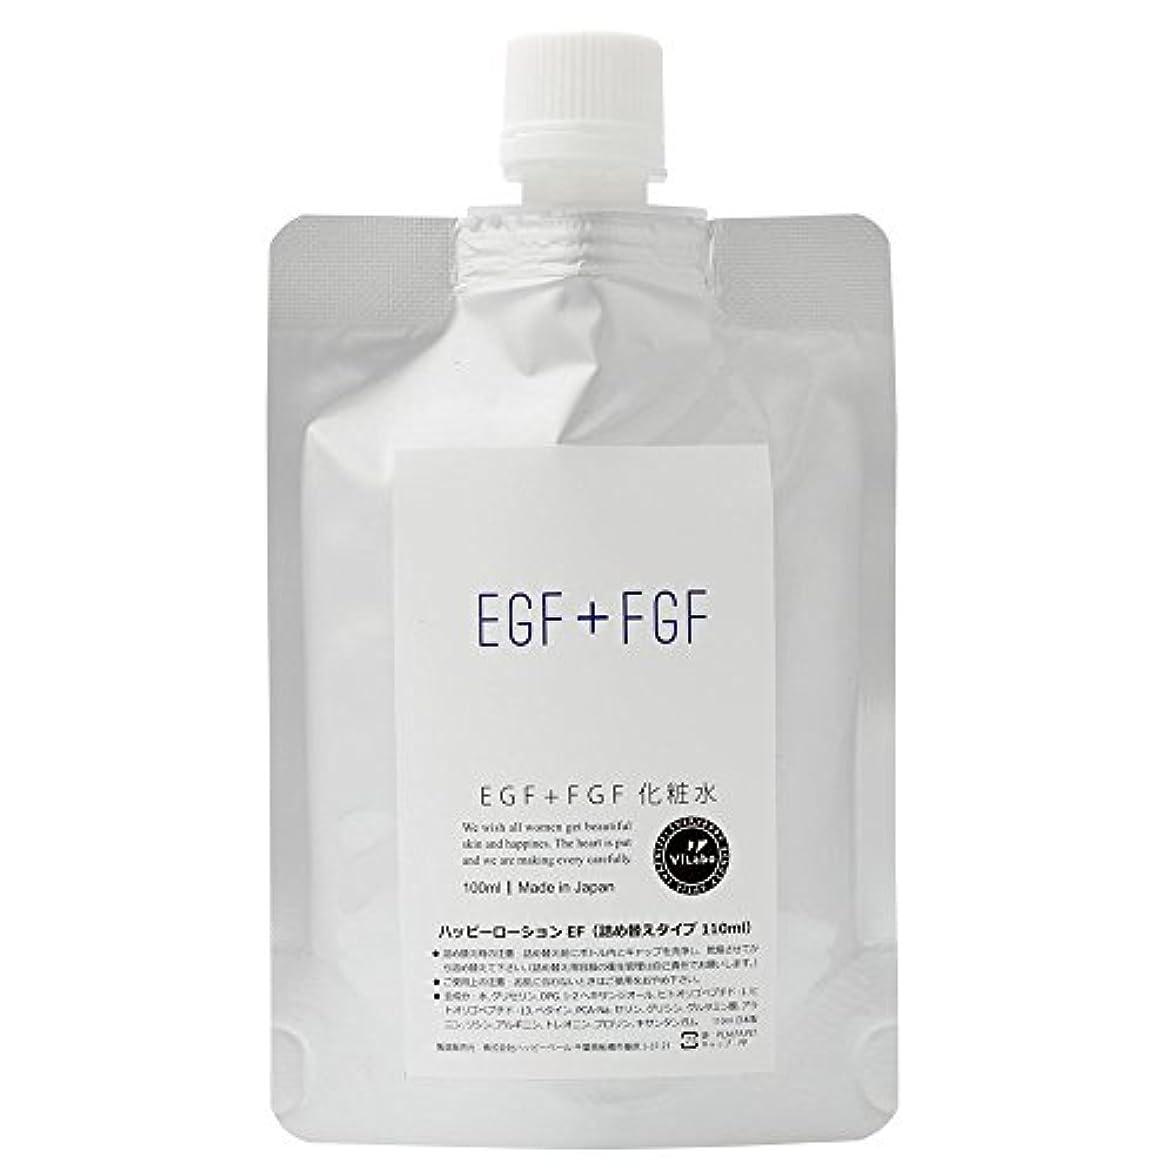 のため狂う数字EGF+FGF化粧水-天然温泉水+高級美容成分の浸透型化粧水-品名:ハッピーローションEF ノンパラベン、アルコール、フェノキシエタノール、石油系合成界面活性剤無添加 (詰め替えパウチ110ml)